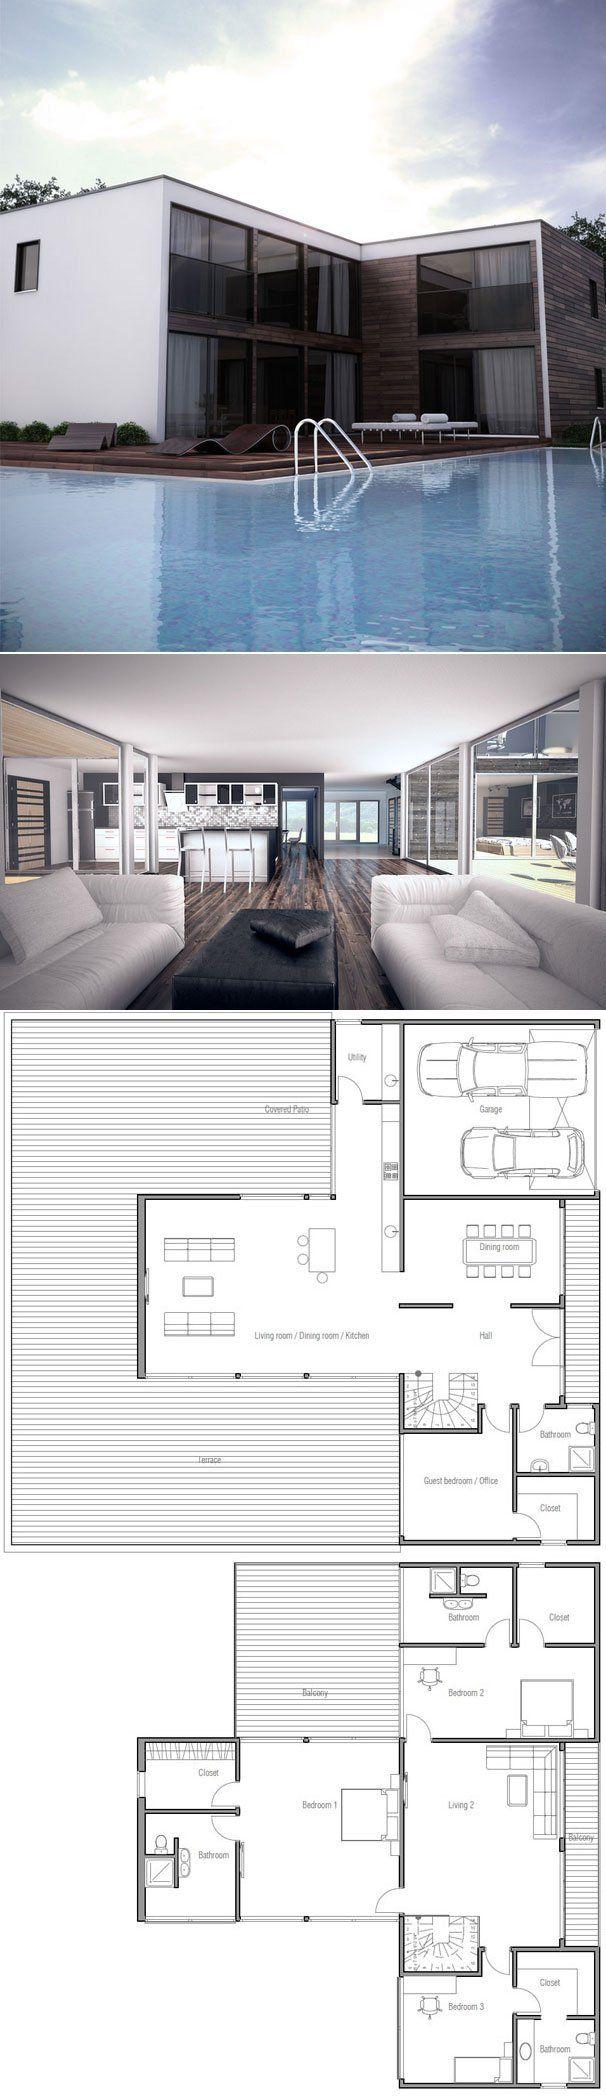 House Plan, Modern Architecture. #Constrir es el #ARTE de CReAR Infraestructura... #CReOConstrucciones.